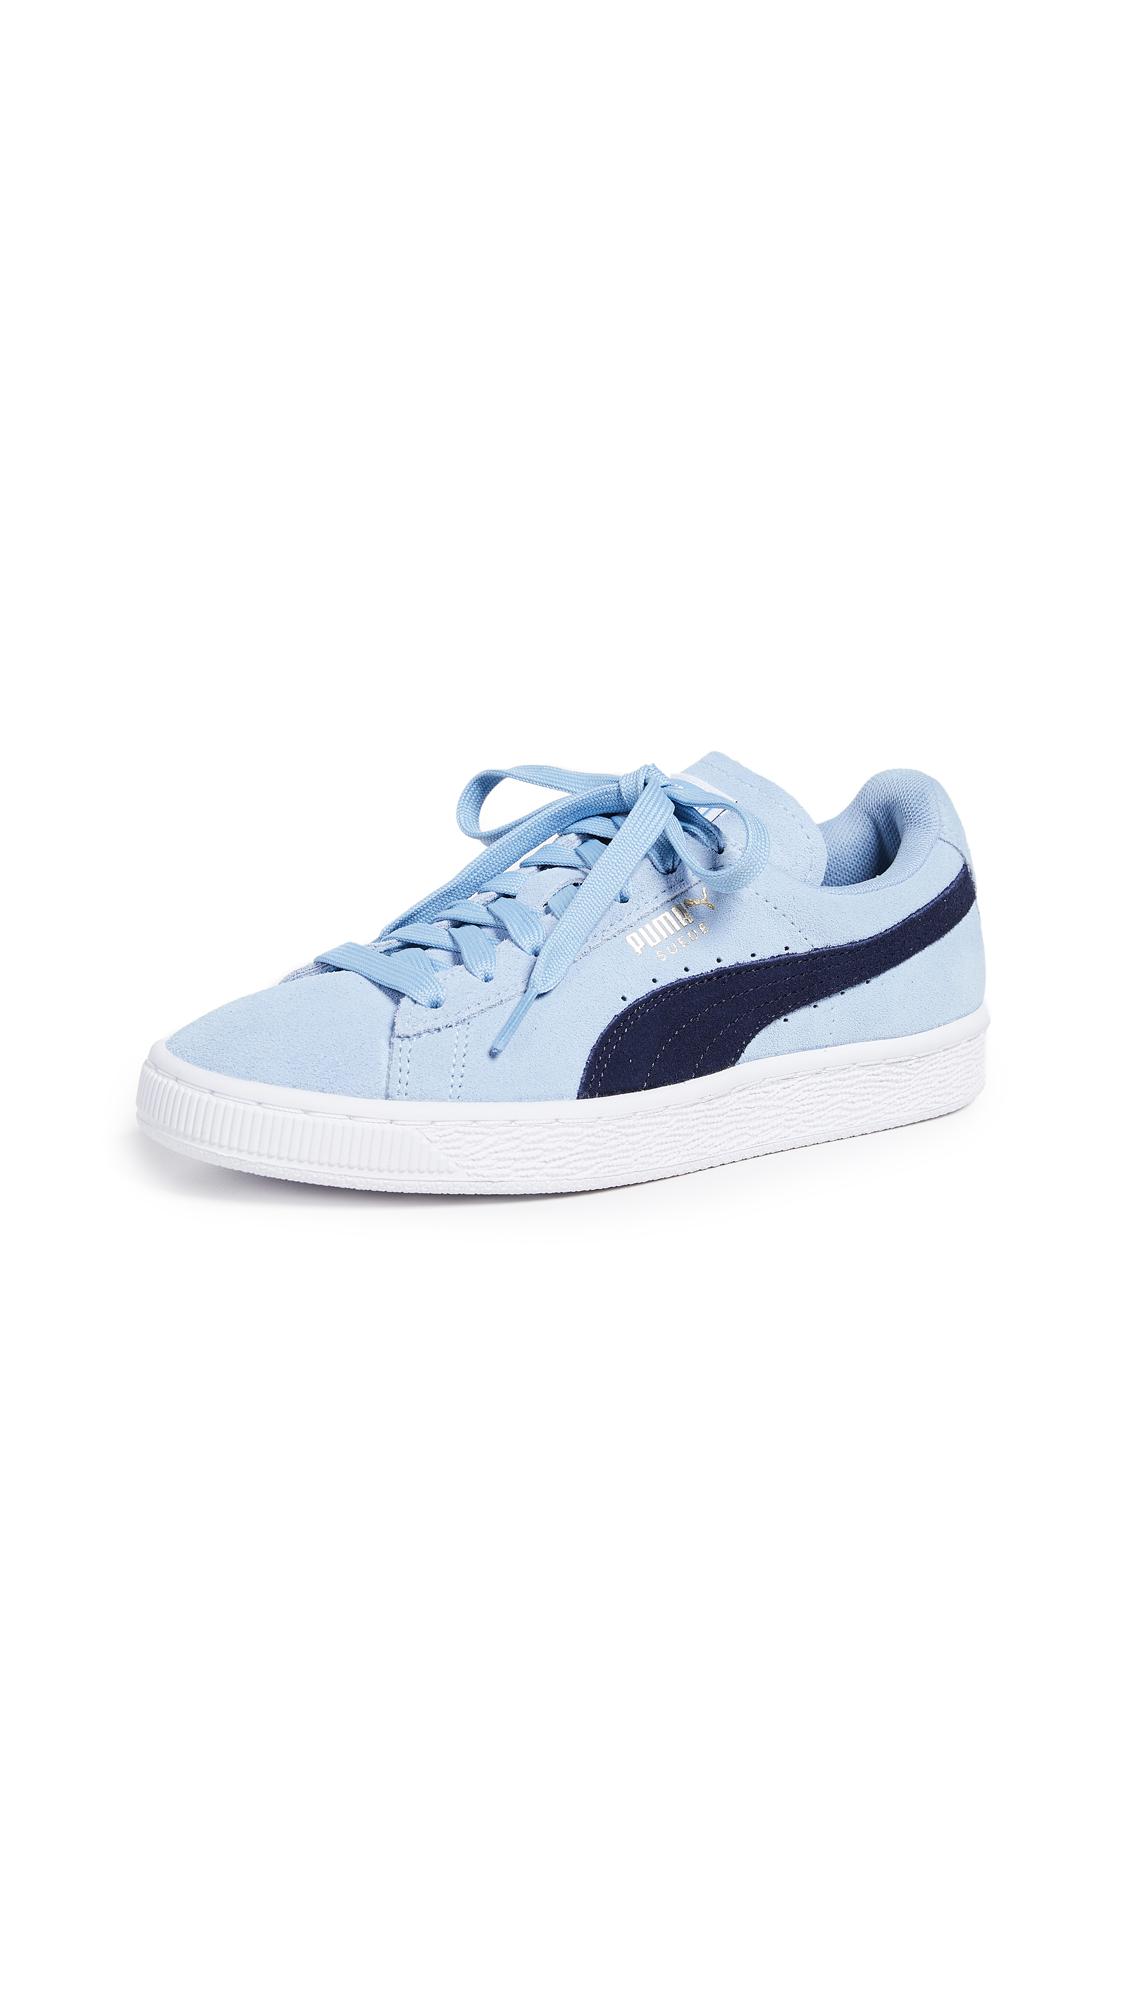 PUMA Suede Classic Sneakers - Cerulean/Peacot